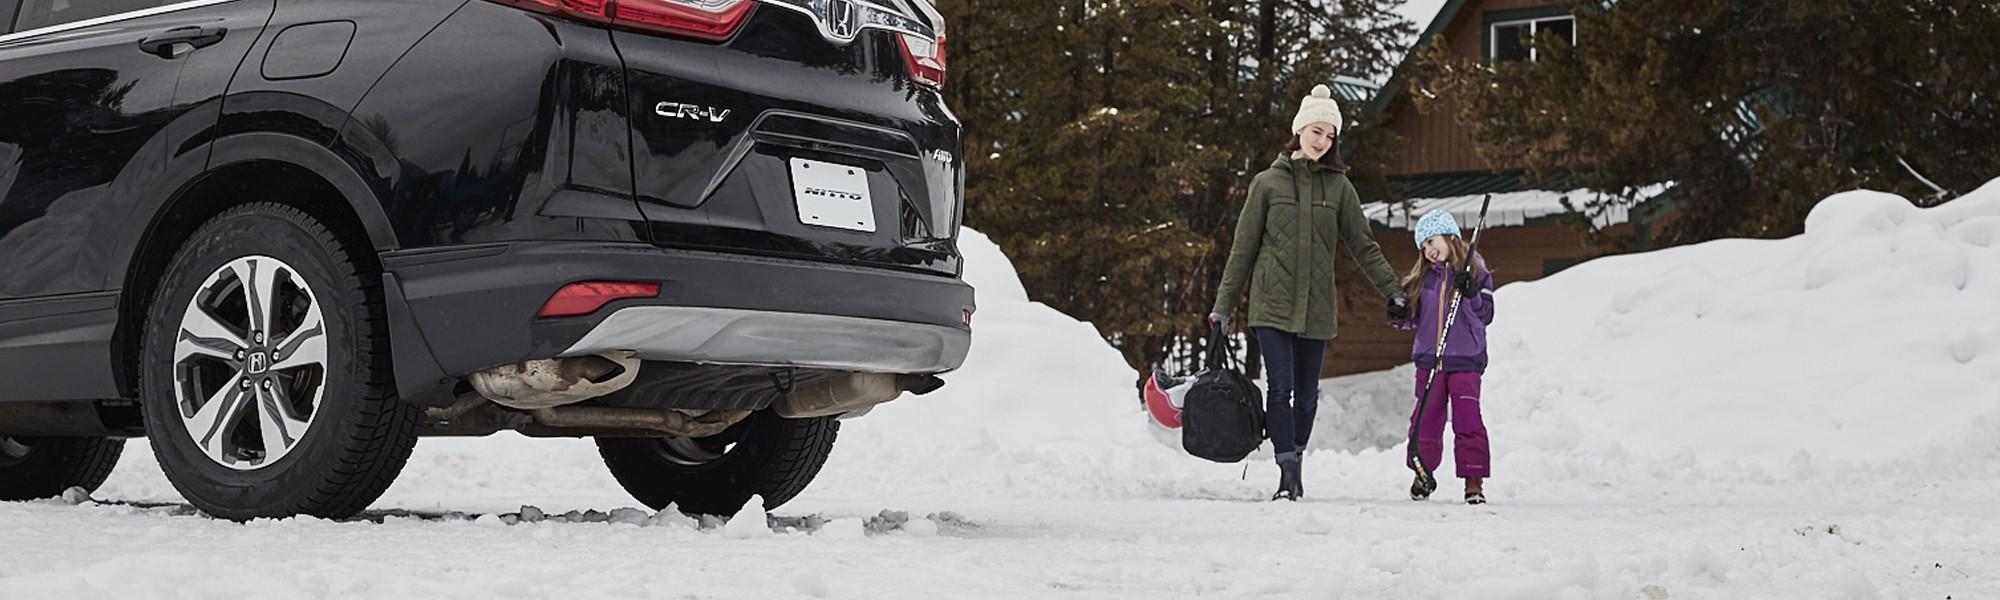 Le Nitto SN3 est un pneu d'hiver conçu pour améliorer les performances hivernales des voitures de tourisme, coupés sport, VUS et VUM, et de certaines camionnettes sport.